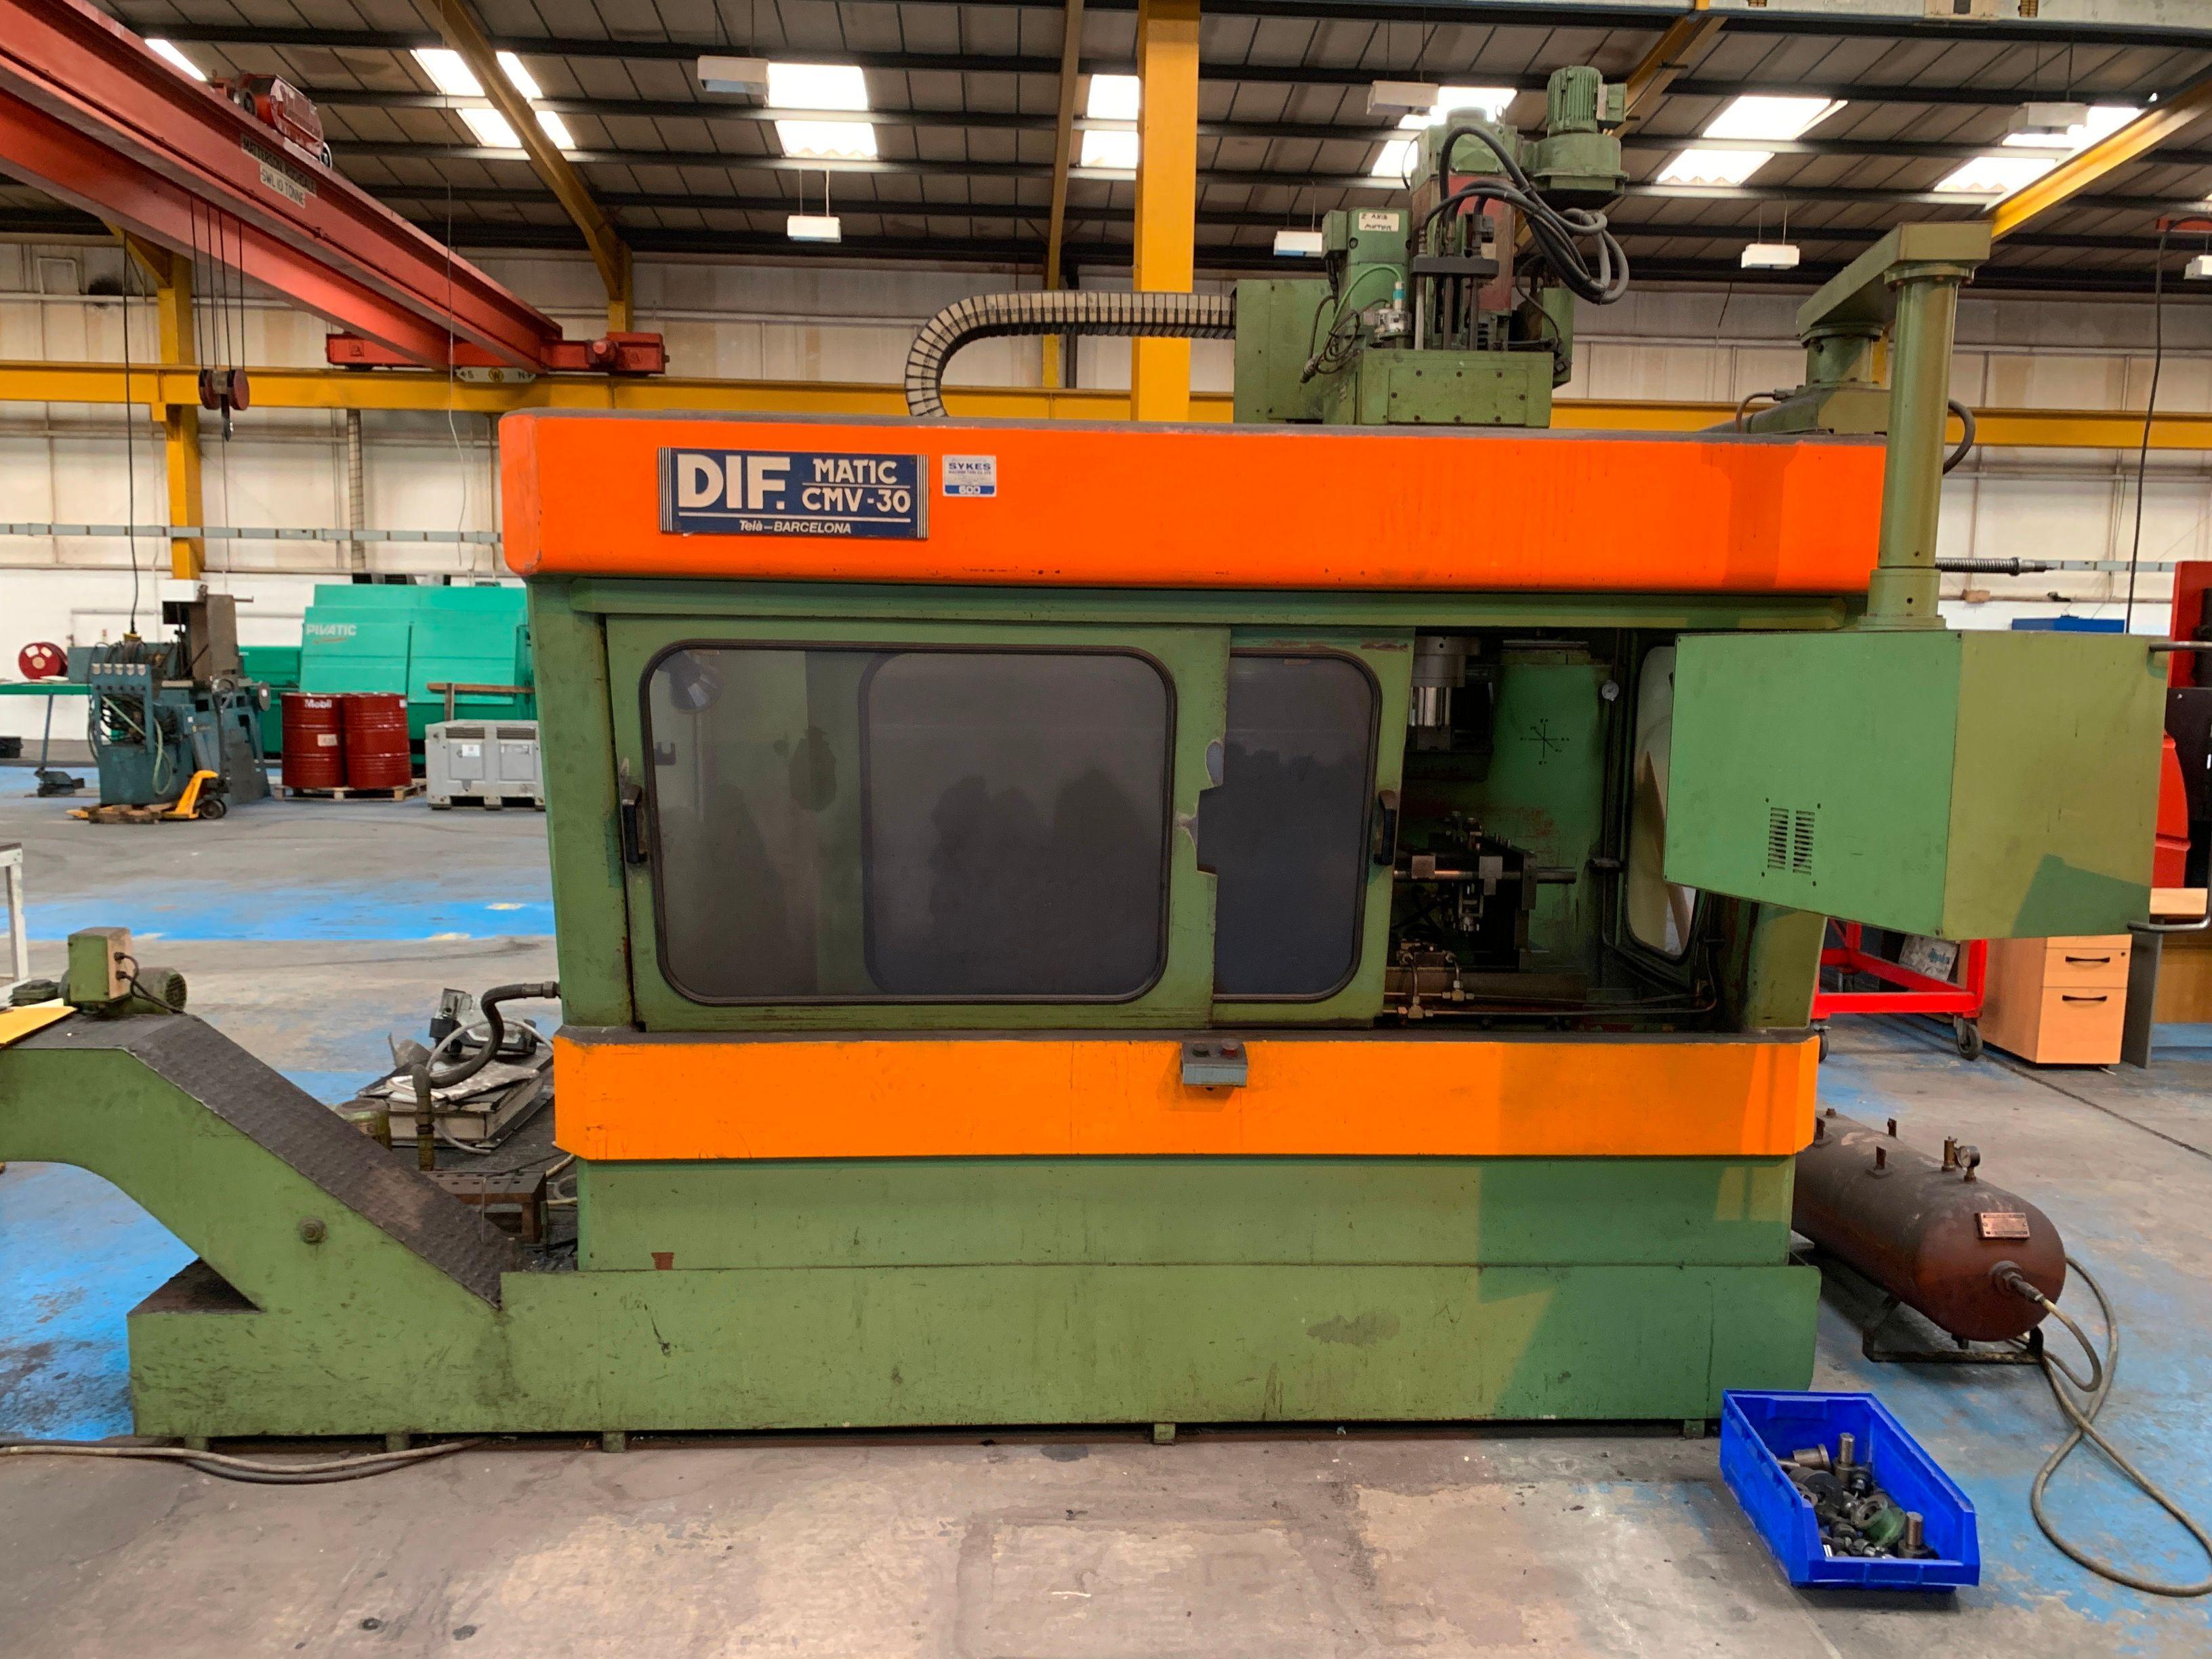 DIF Matic CMV-30 CNC-Bearbeitungszentrum